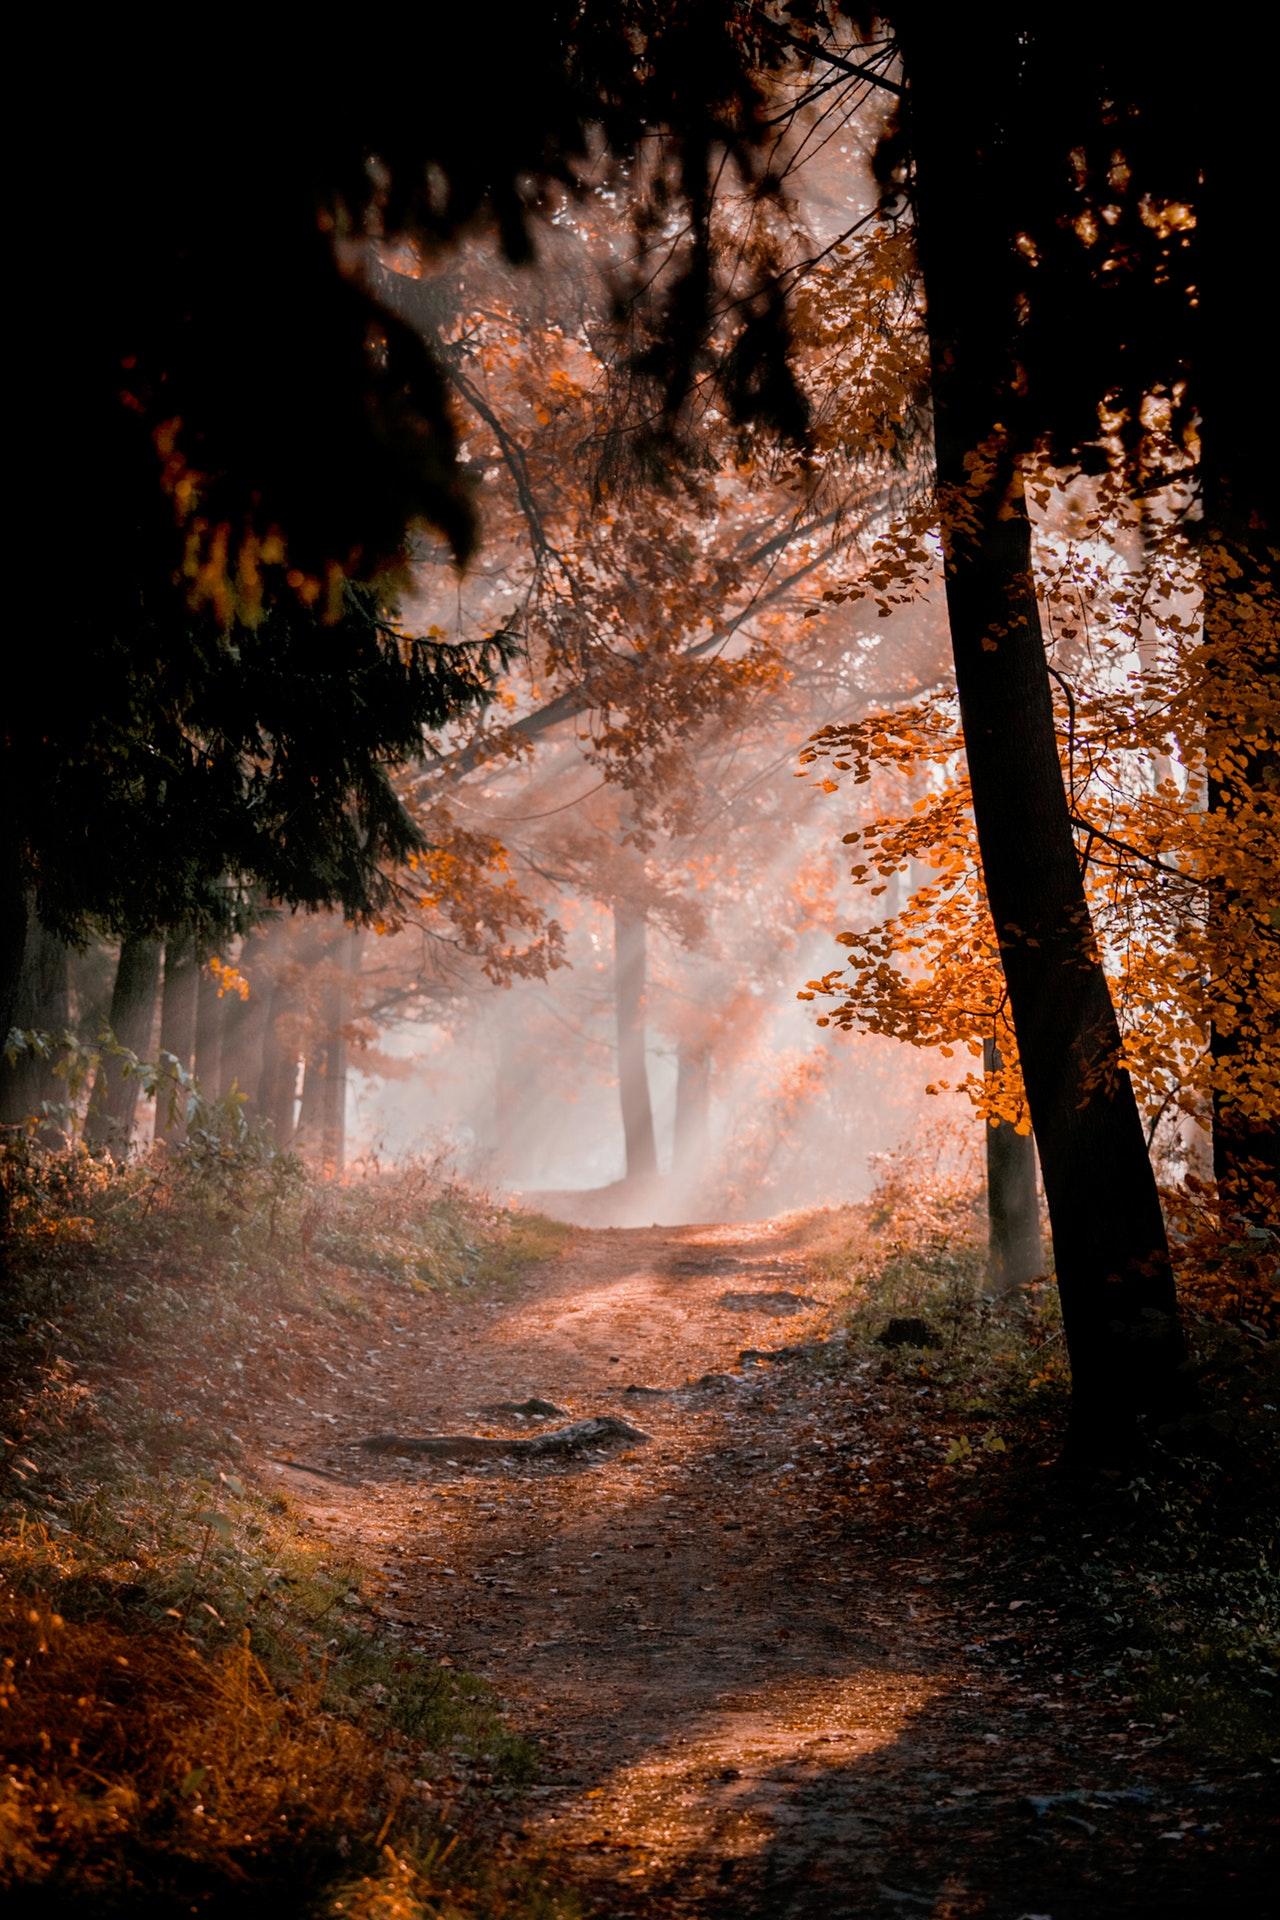 autumn-autumn-leaves-autumn-mood-forest-3132908 (1)